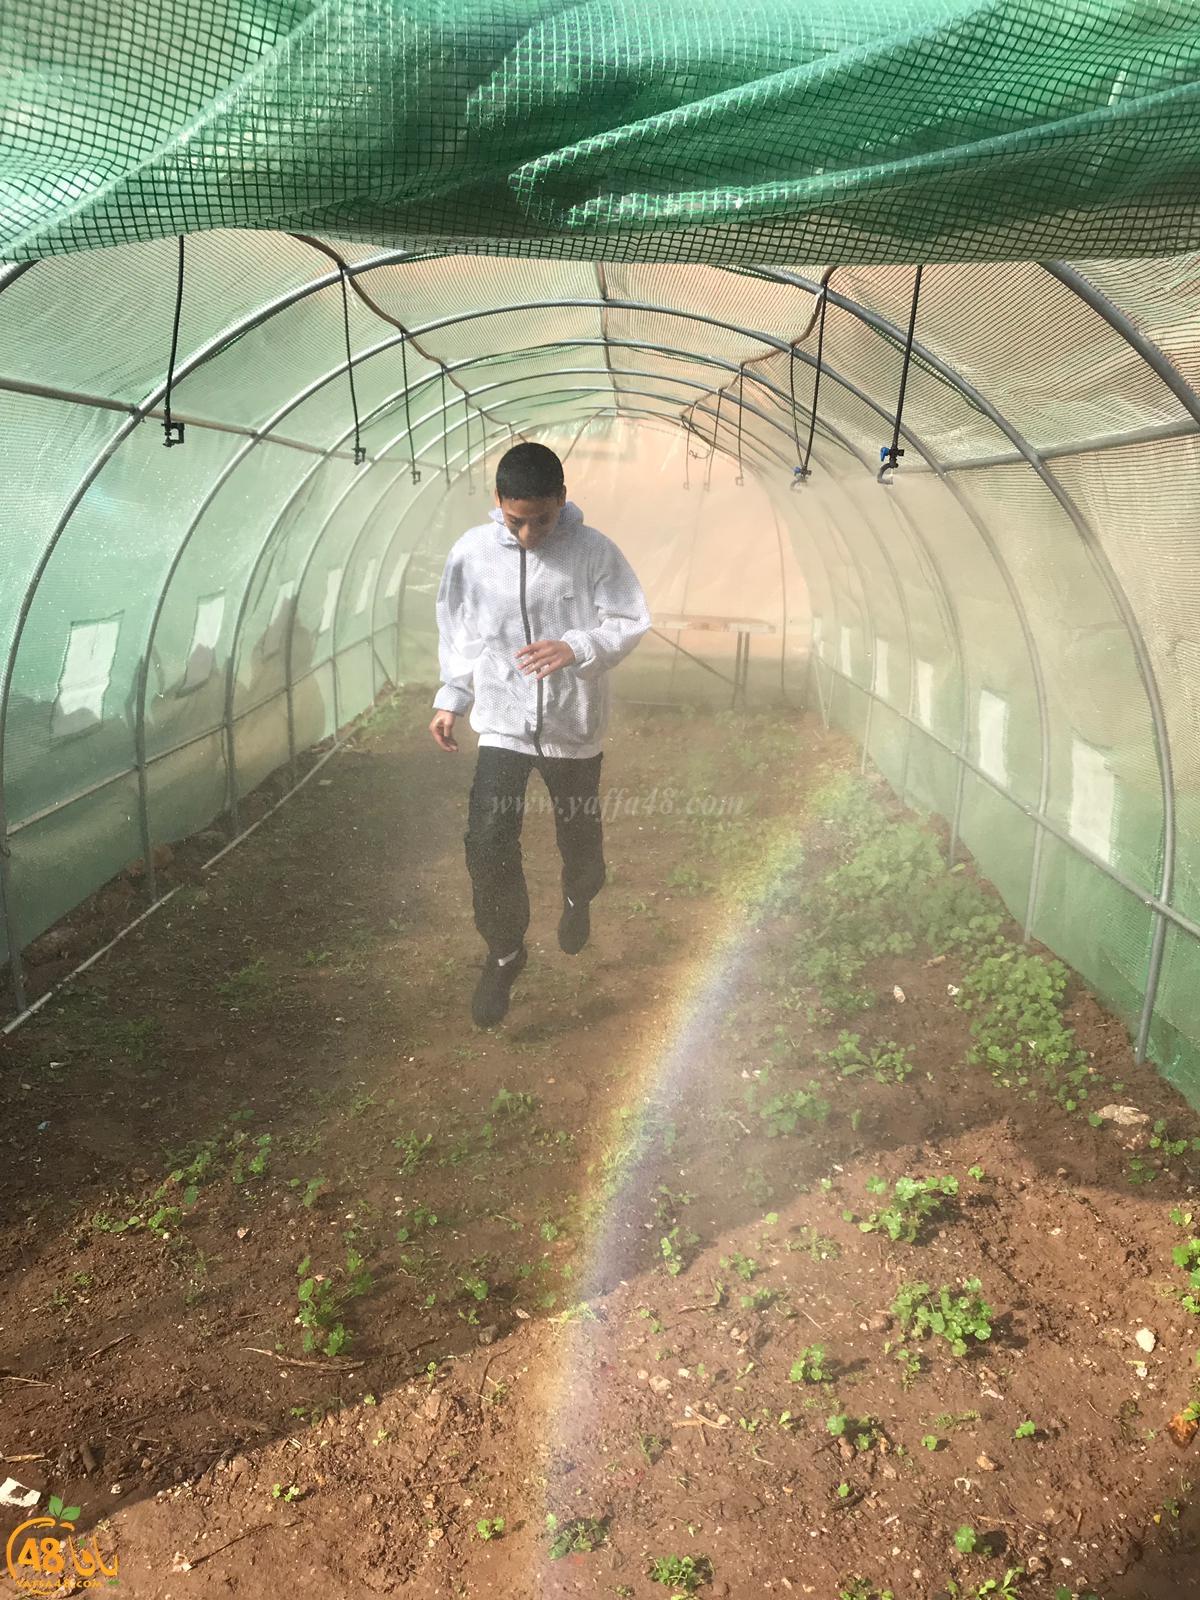 طلاب المدرسة التكنولوجية عمال 1 يتعلمون الزراعة